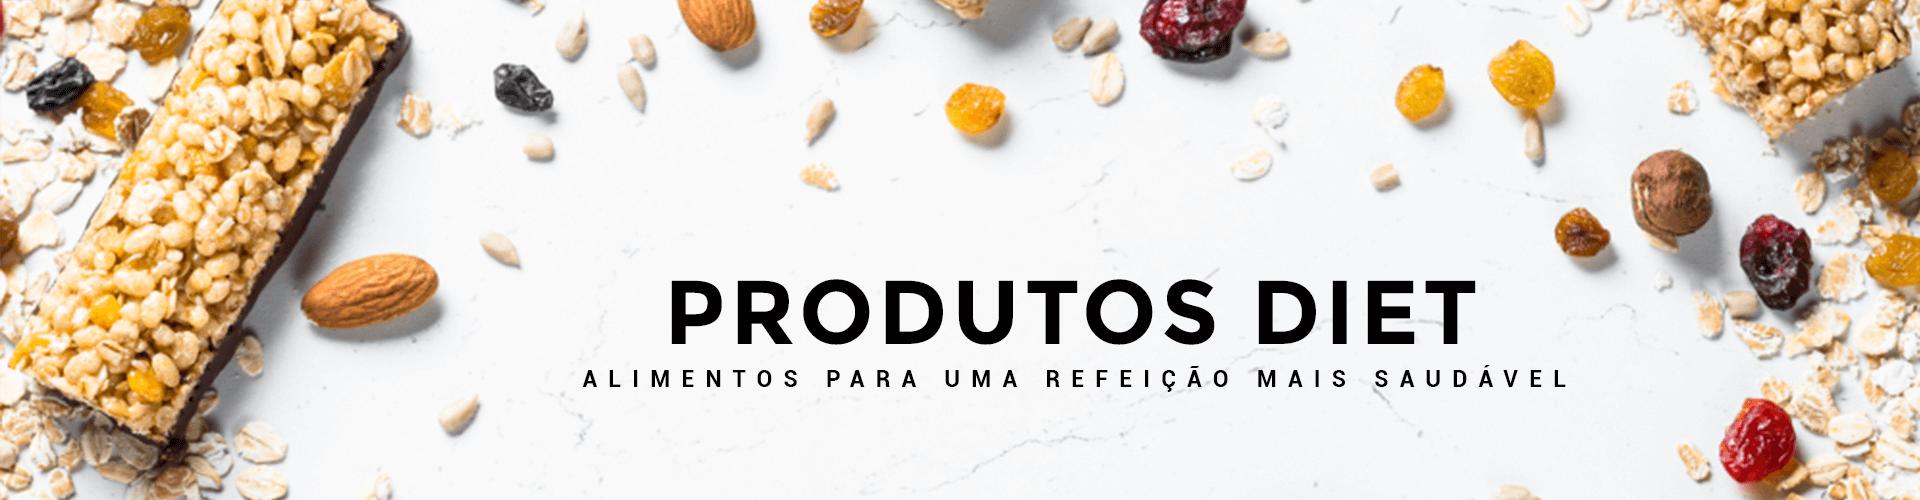 banner-vitrine-produtos-diet